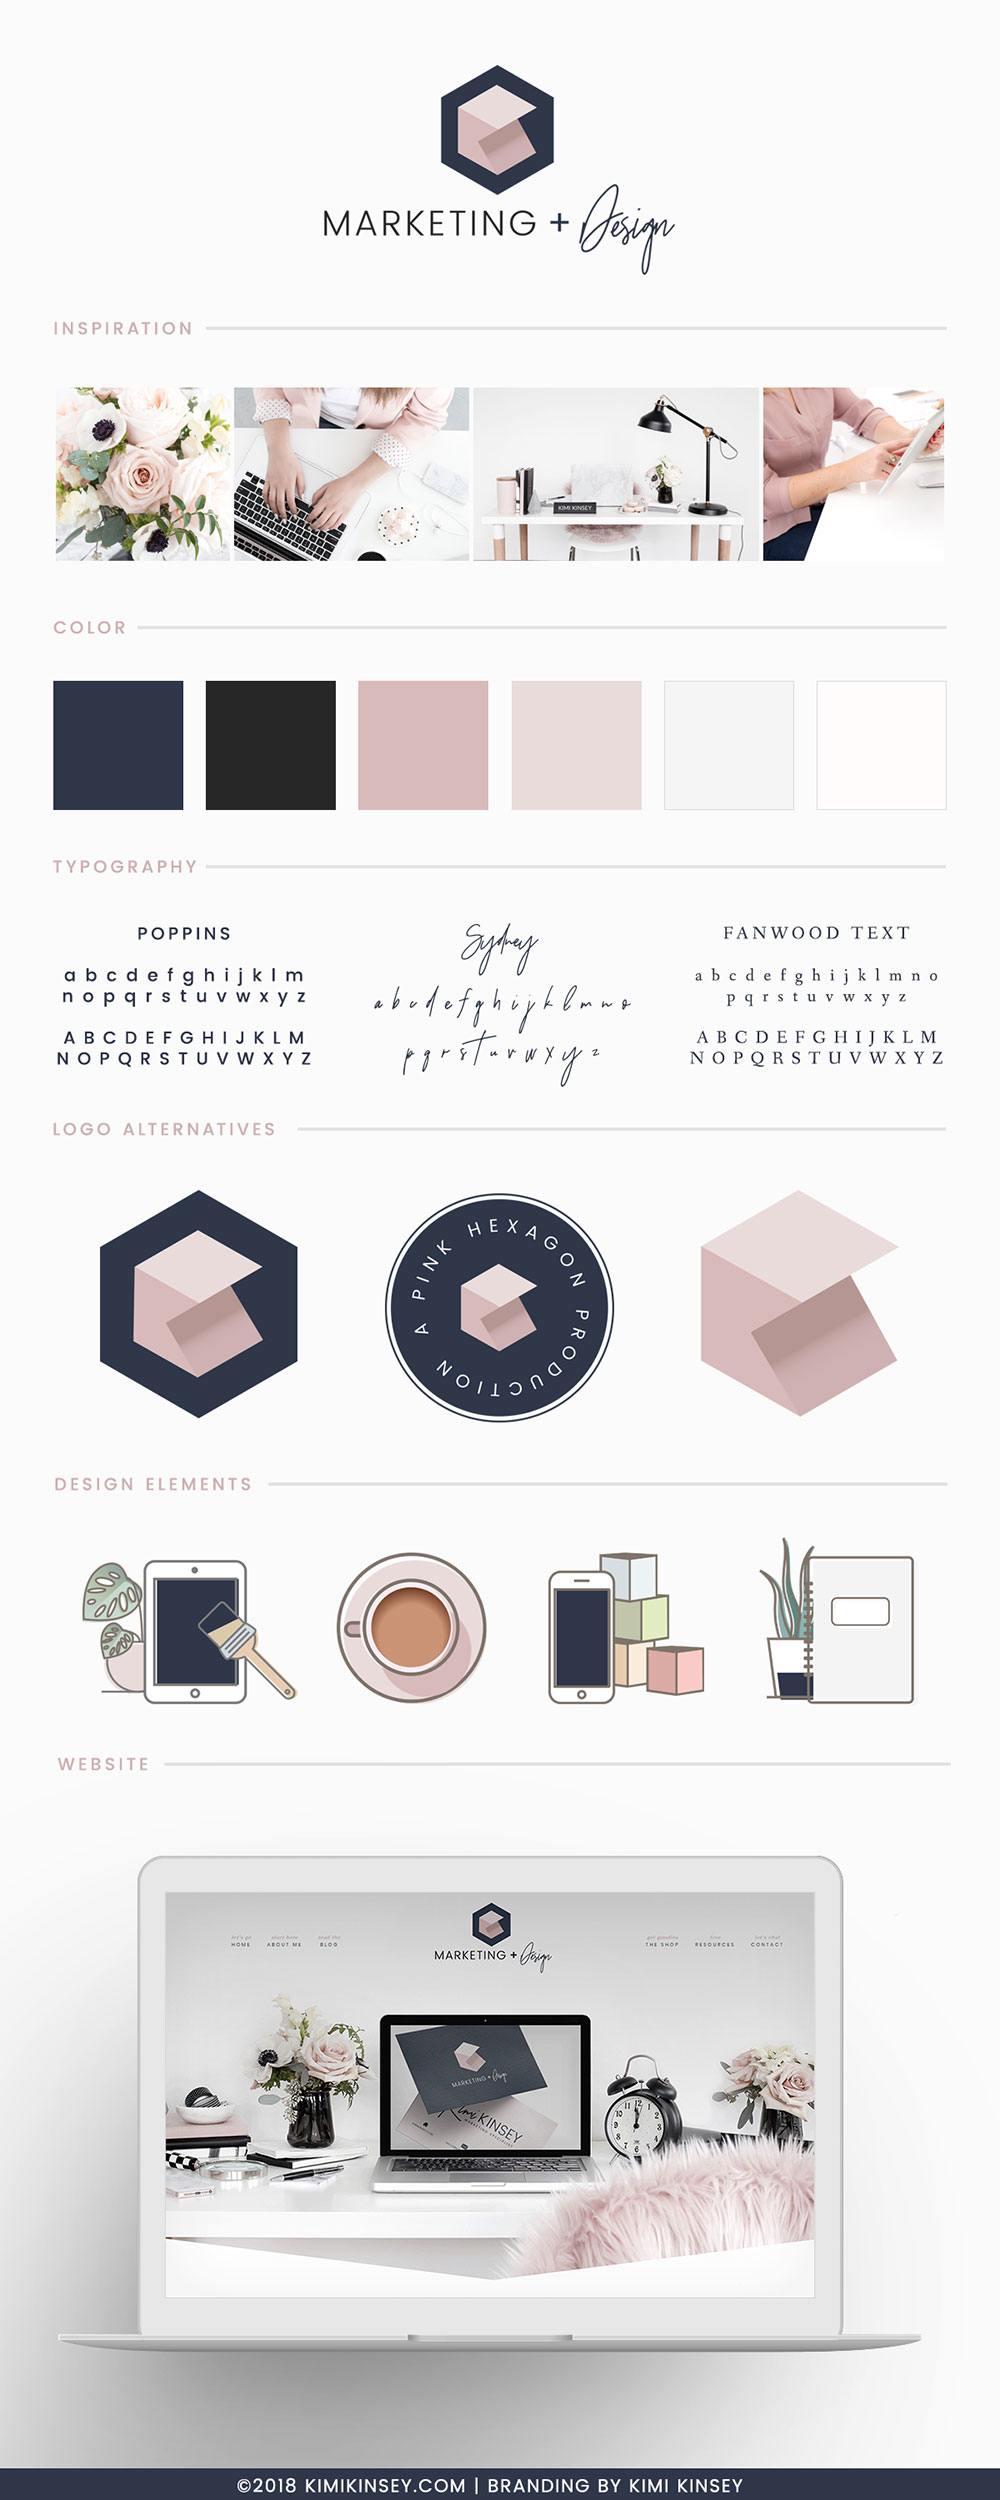 Tendencias de diseño web 2019 - Tipografías a mano